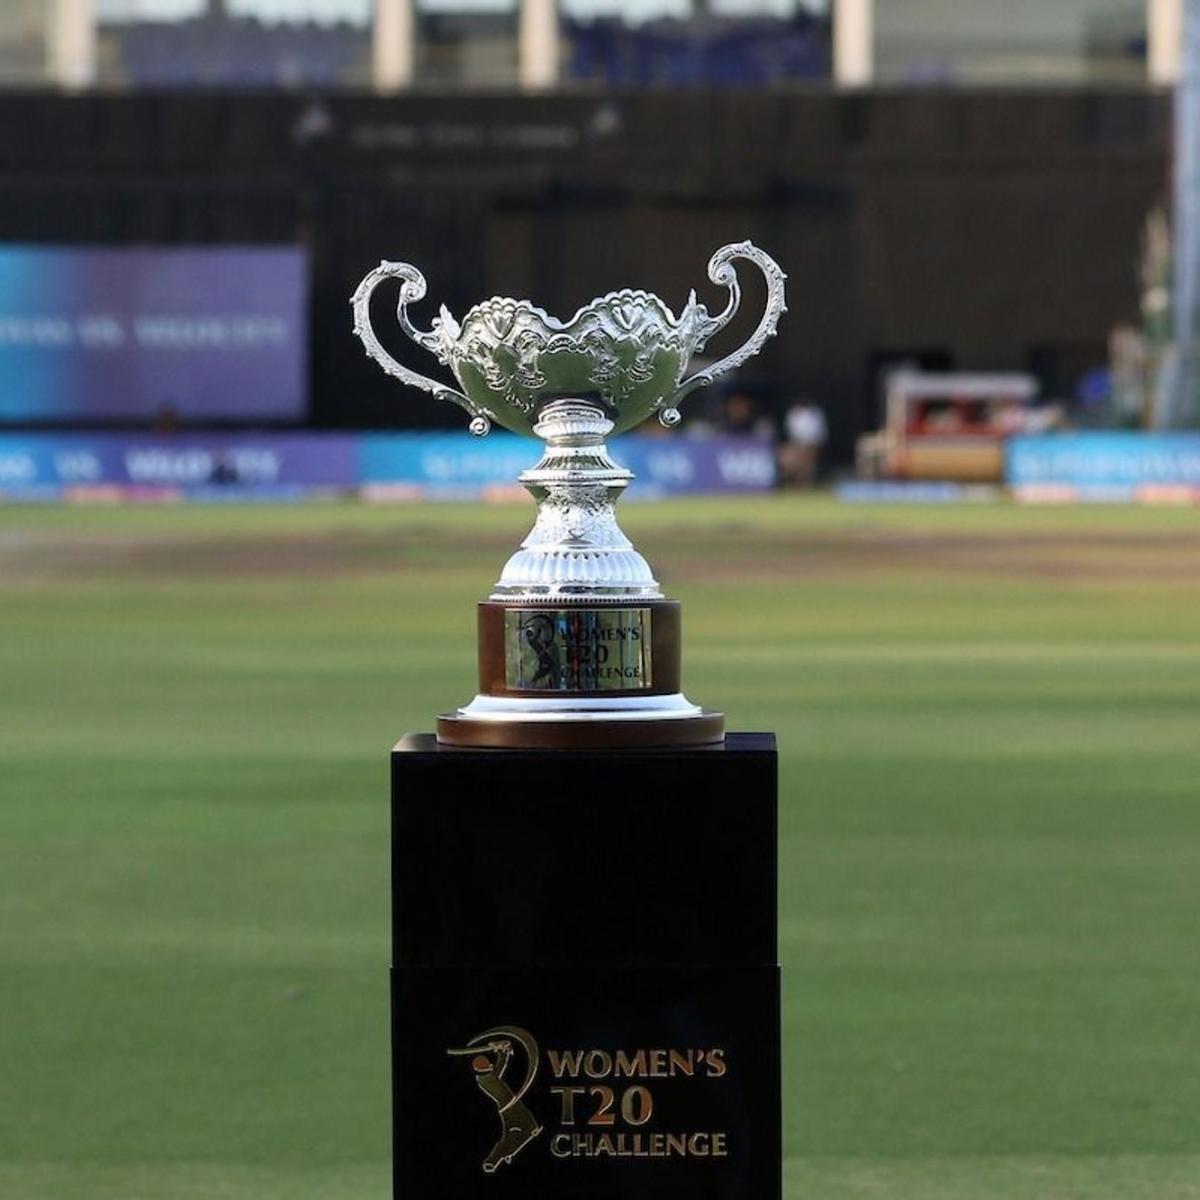 BCCI announces squads for Women's T20 Challenge - check out details